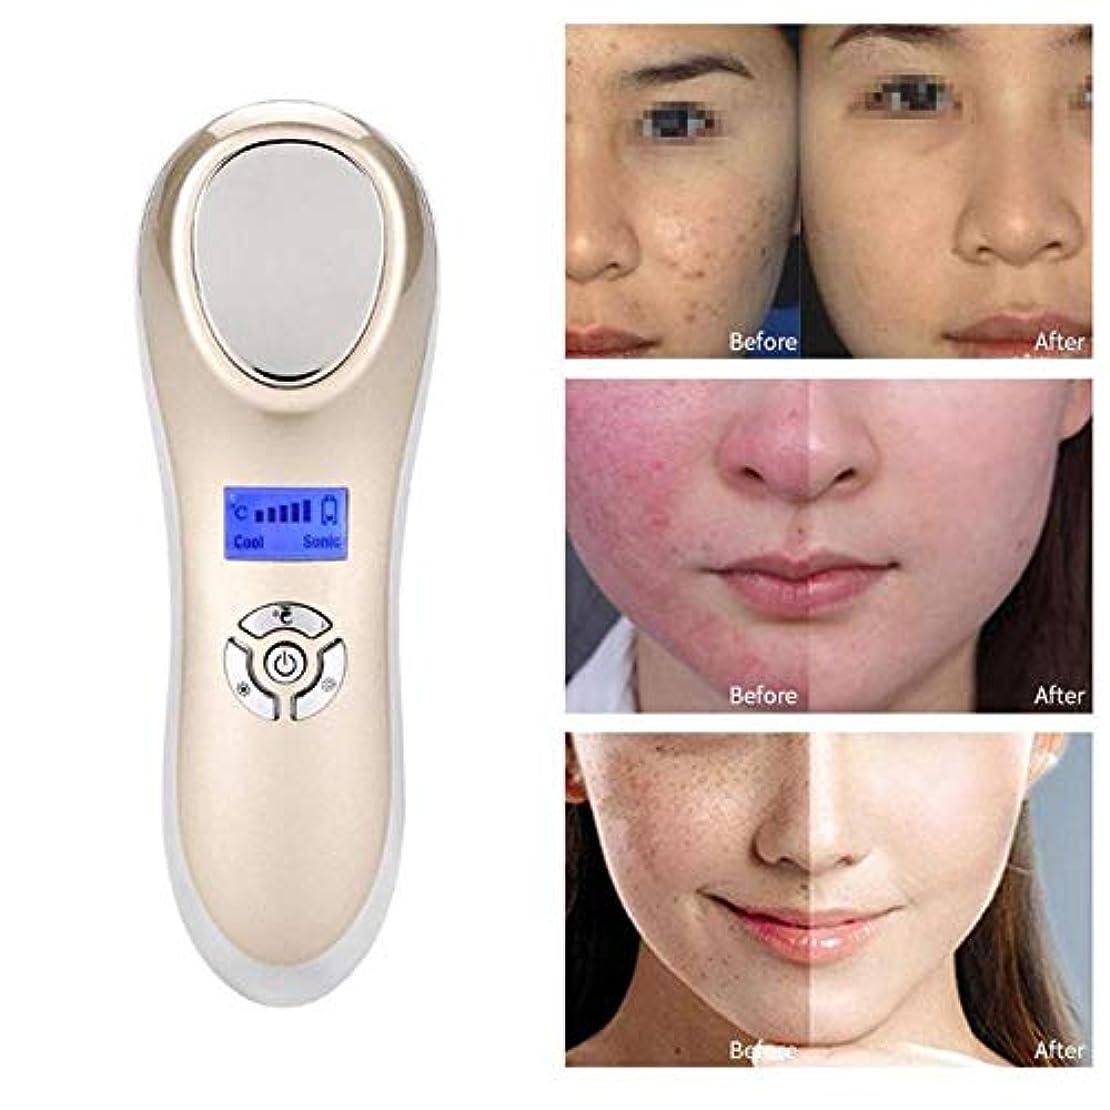 瞑想する成長シンカンフェイスマッサージトリートメントや毛穴収縮顔のためのホットコールドガルバニックフェイスリフトイオンマイクロカレント美容機スパケアデバイスとの顔のデバイス